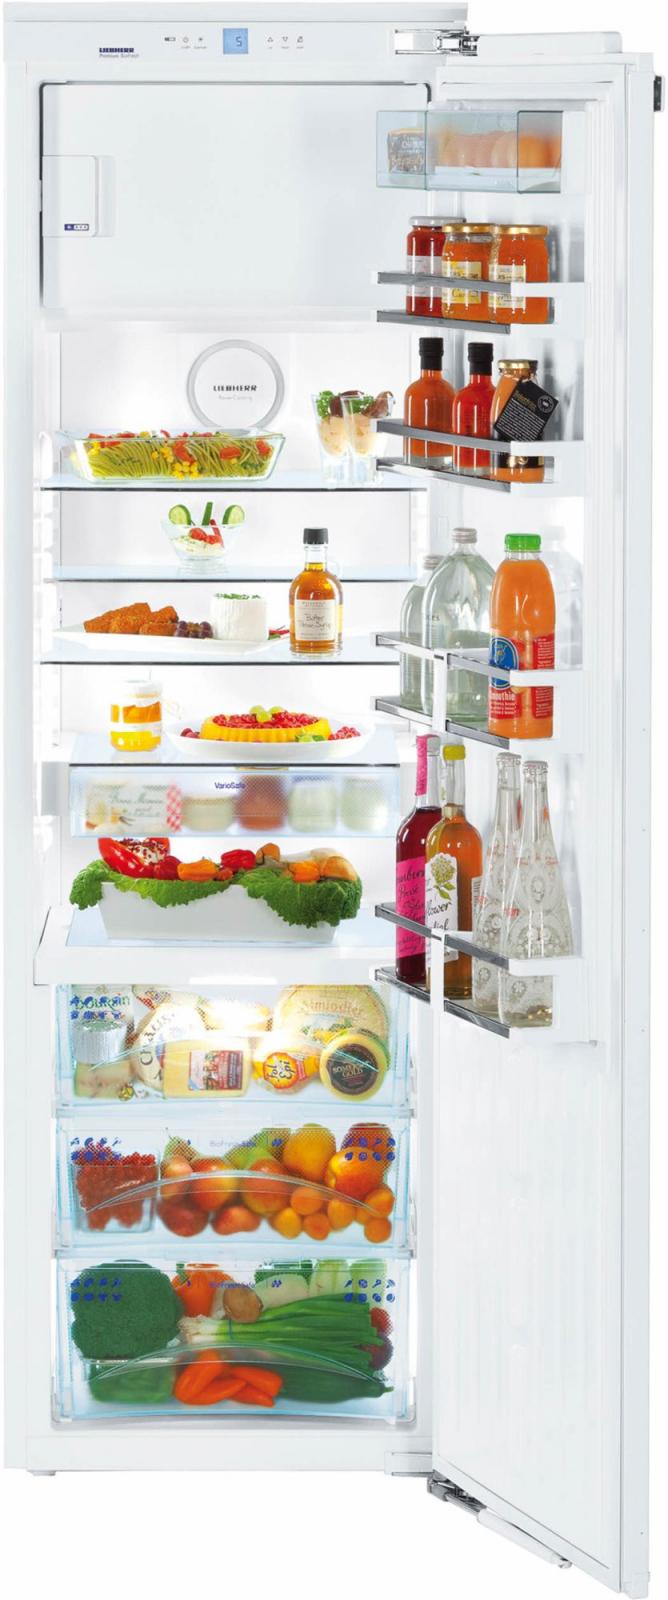 купить Встраиваемый однокамерный холодильник Liebherr IKB 3554 Украина фото 0